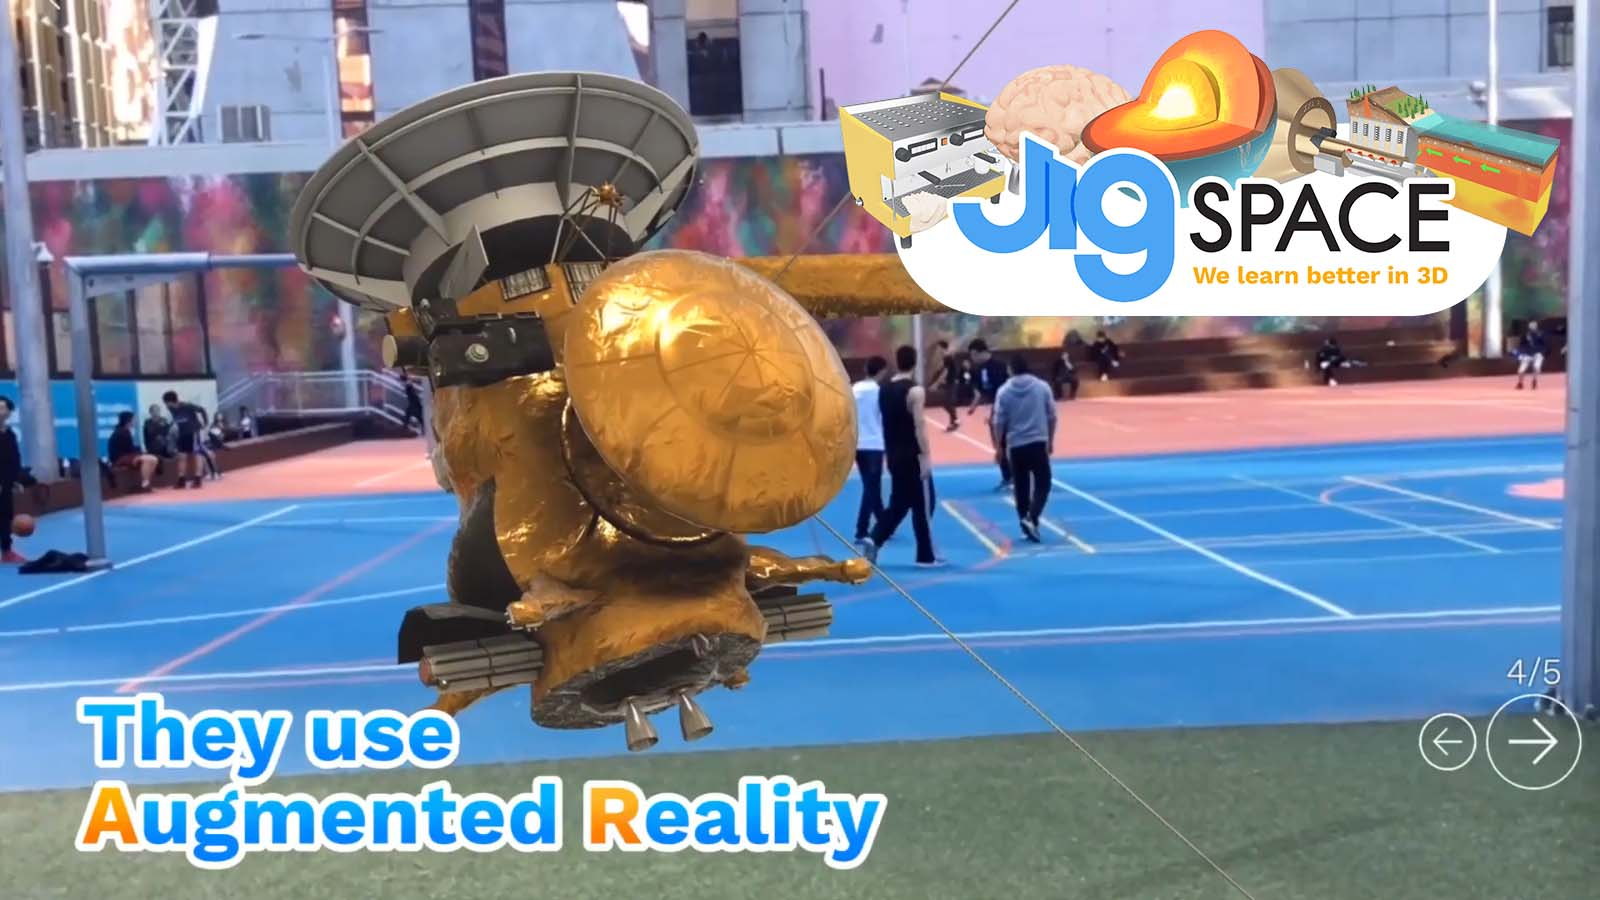 jig-space-app